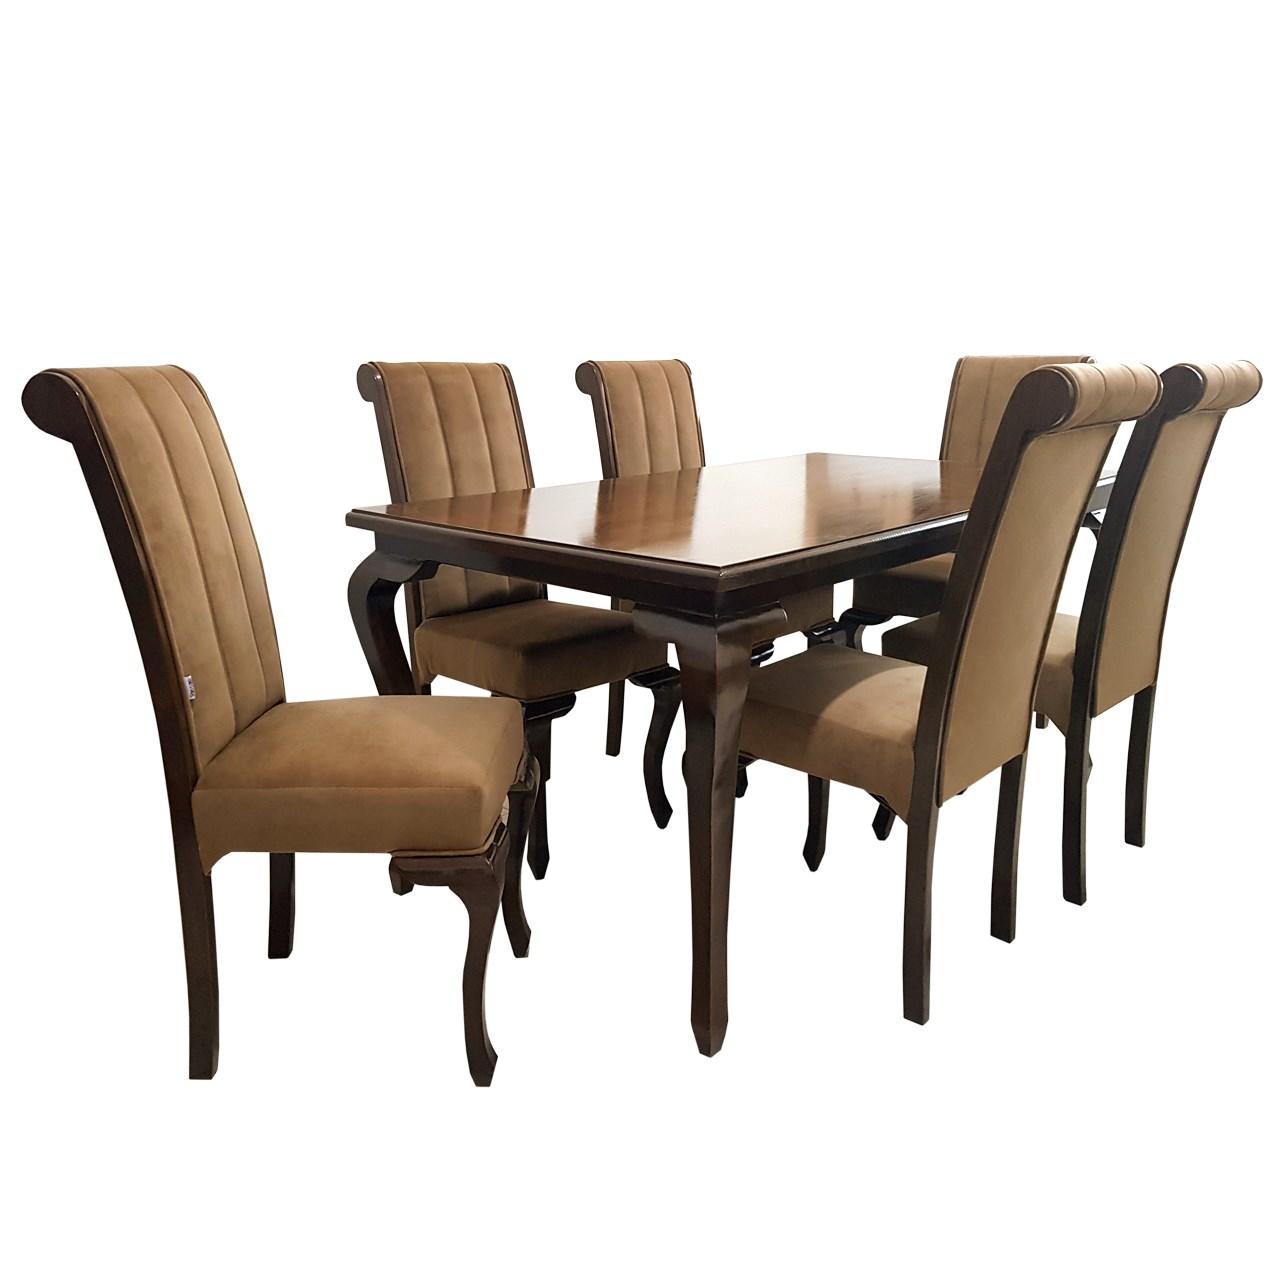 ست میز و صندلی چوبکو مدل اهورا